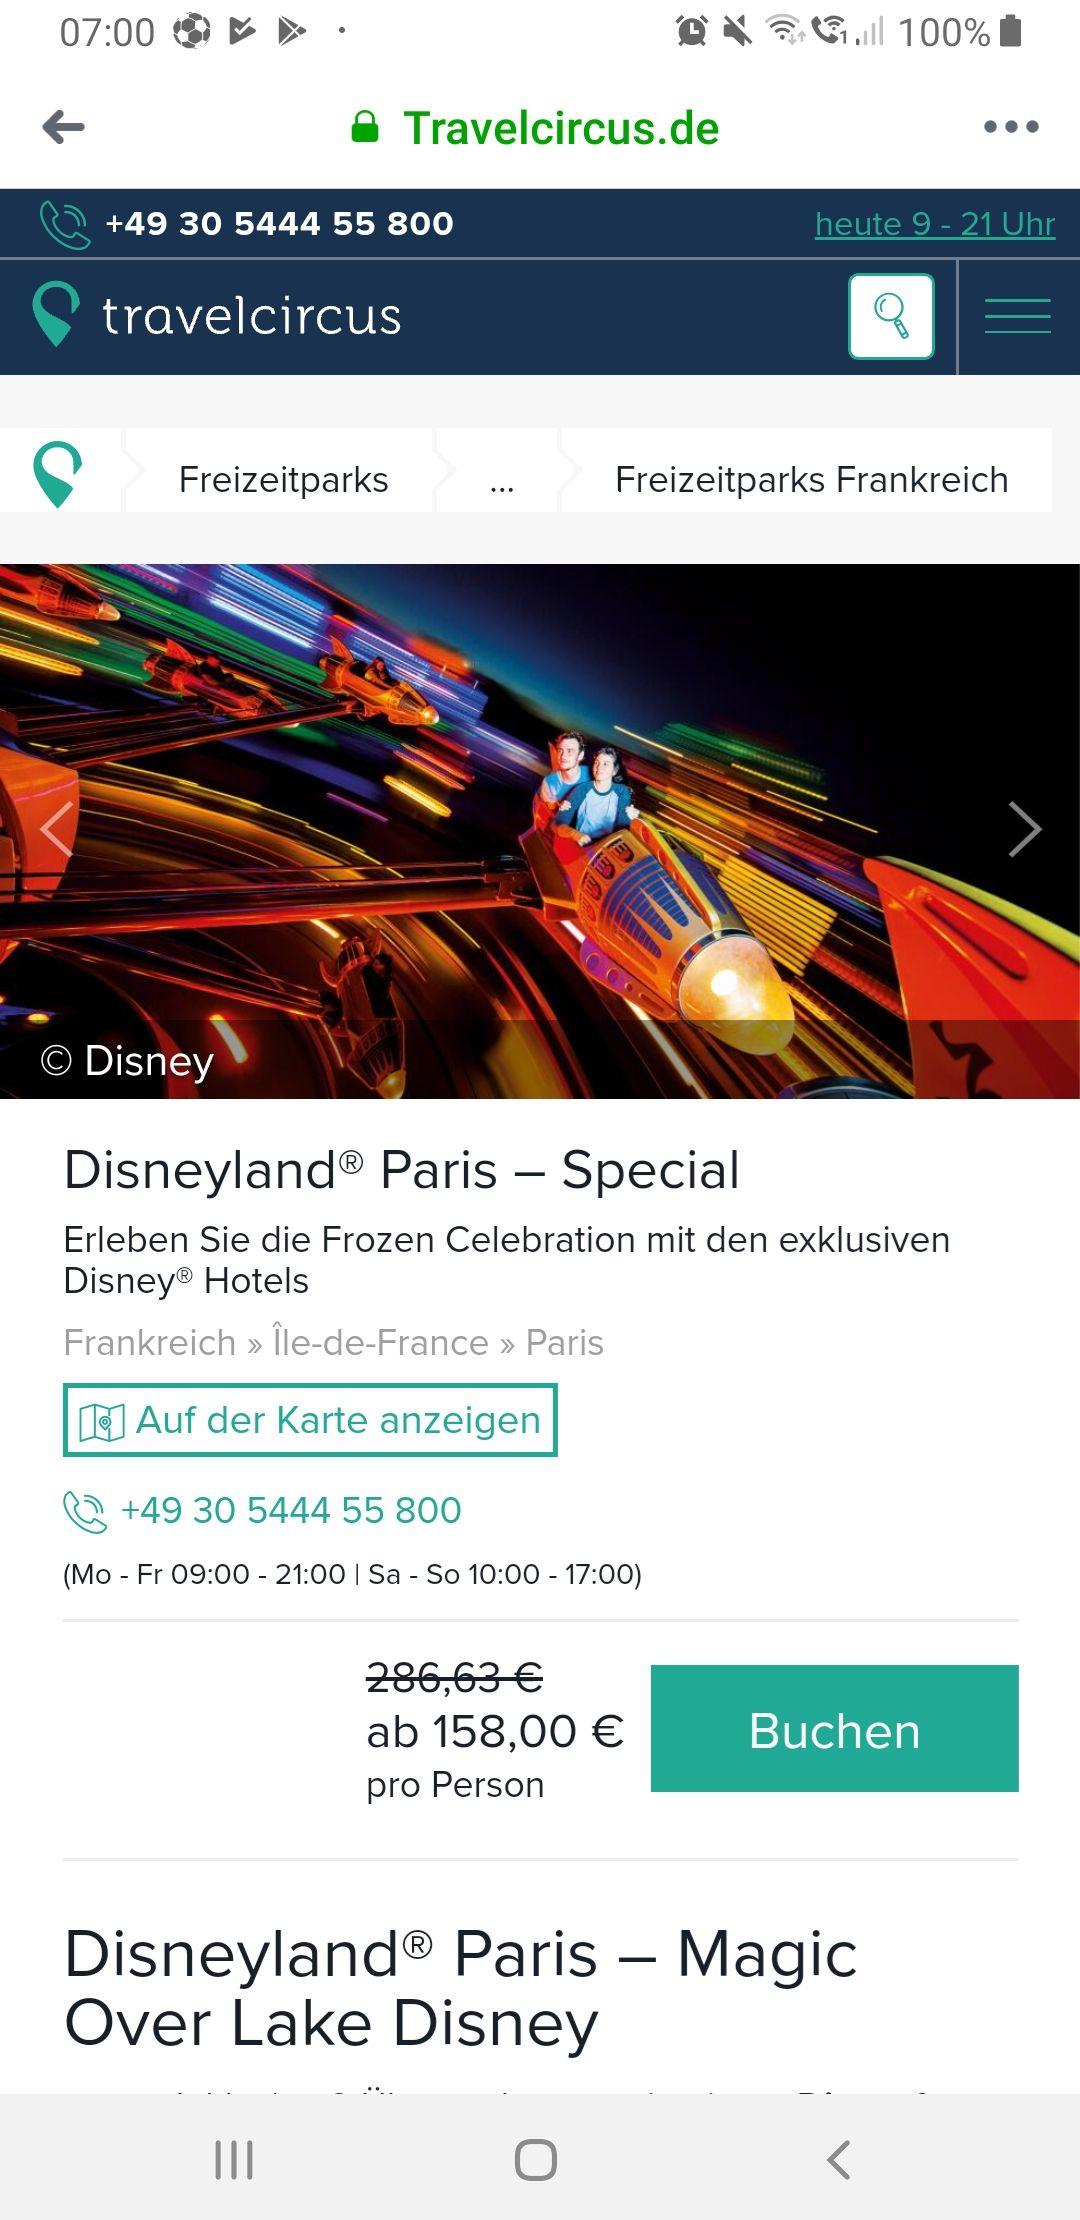 Disneyland paris special frozen vanaf 158 p.p.